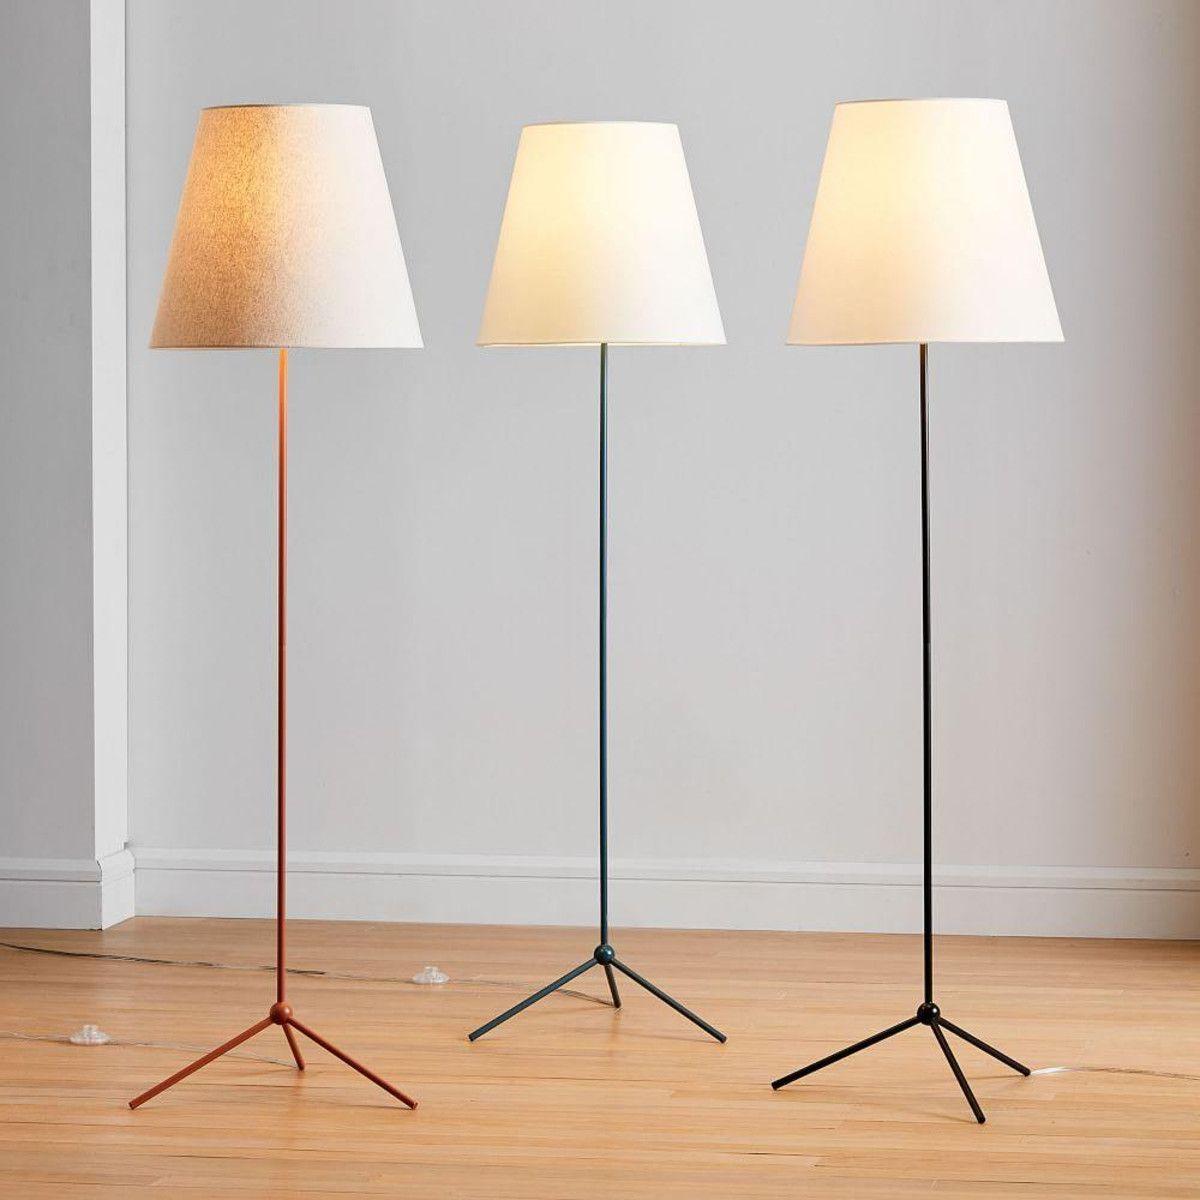 Tapered Shade Floor Lamp West Elm Canada Floor Lamp Lamp Outdoor Floor Lamps